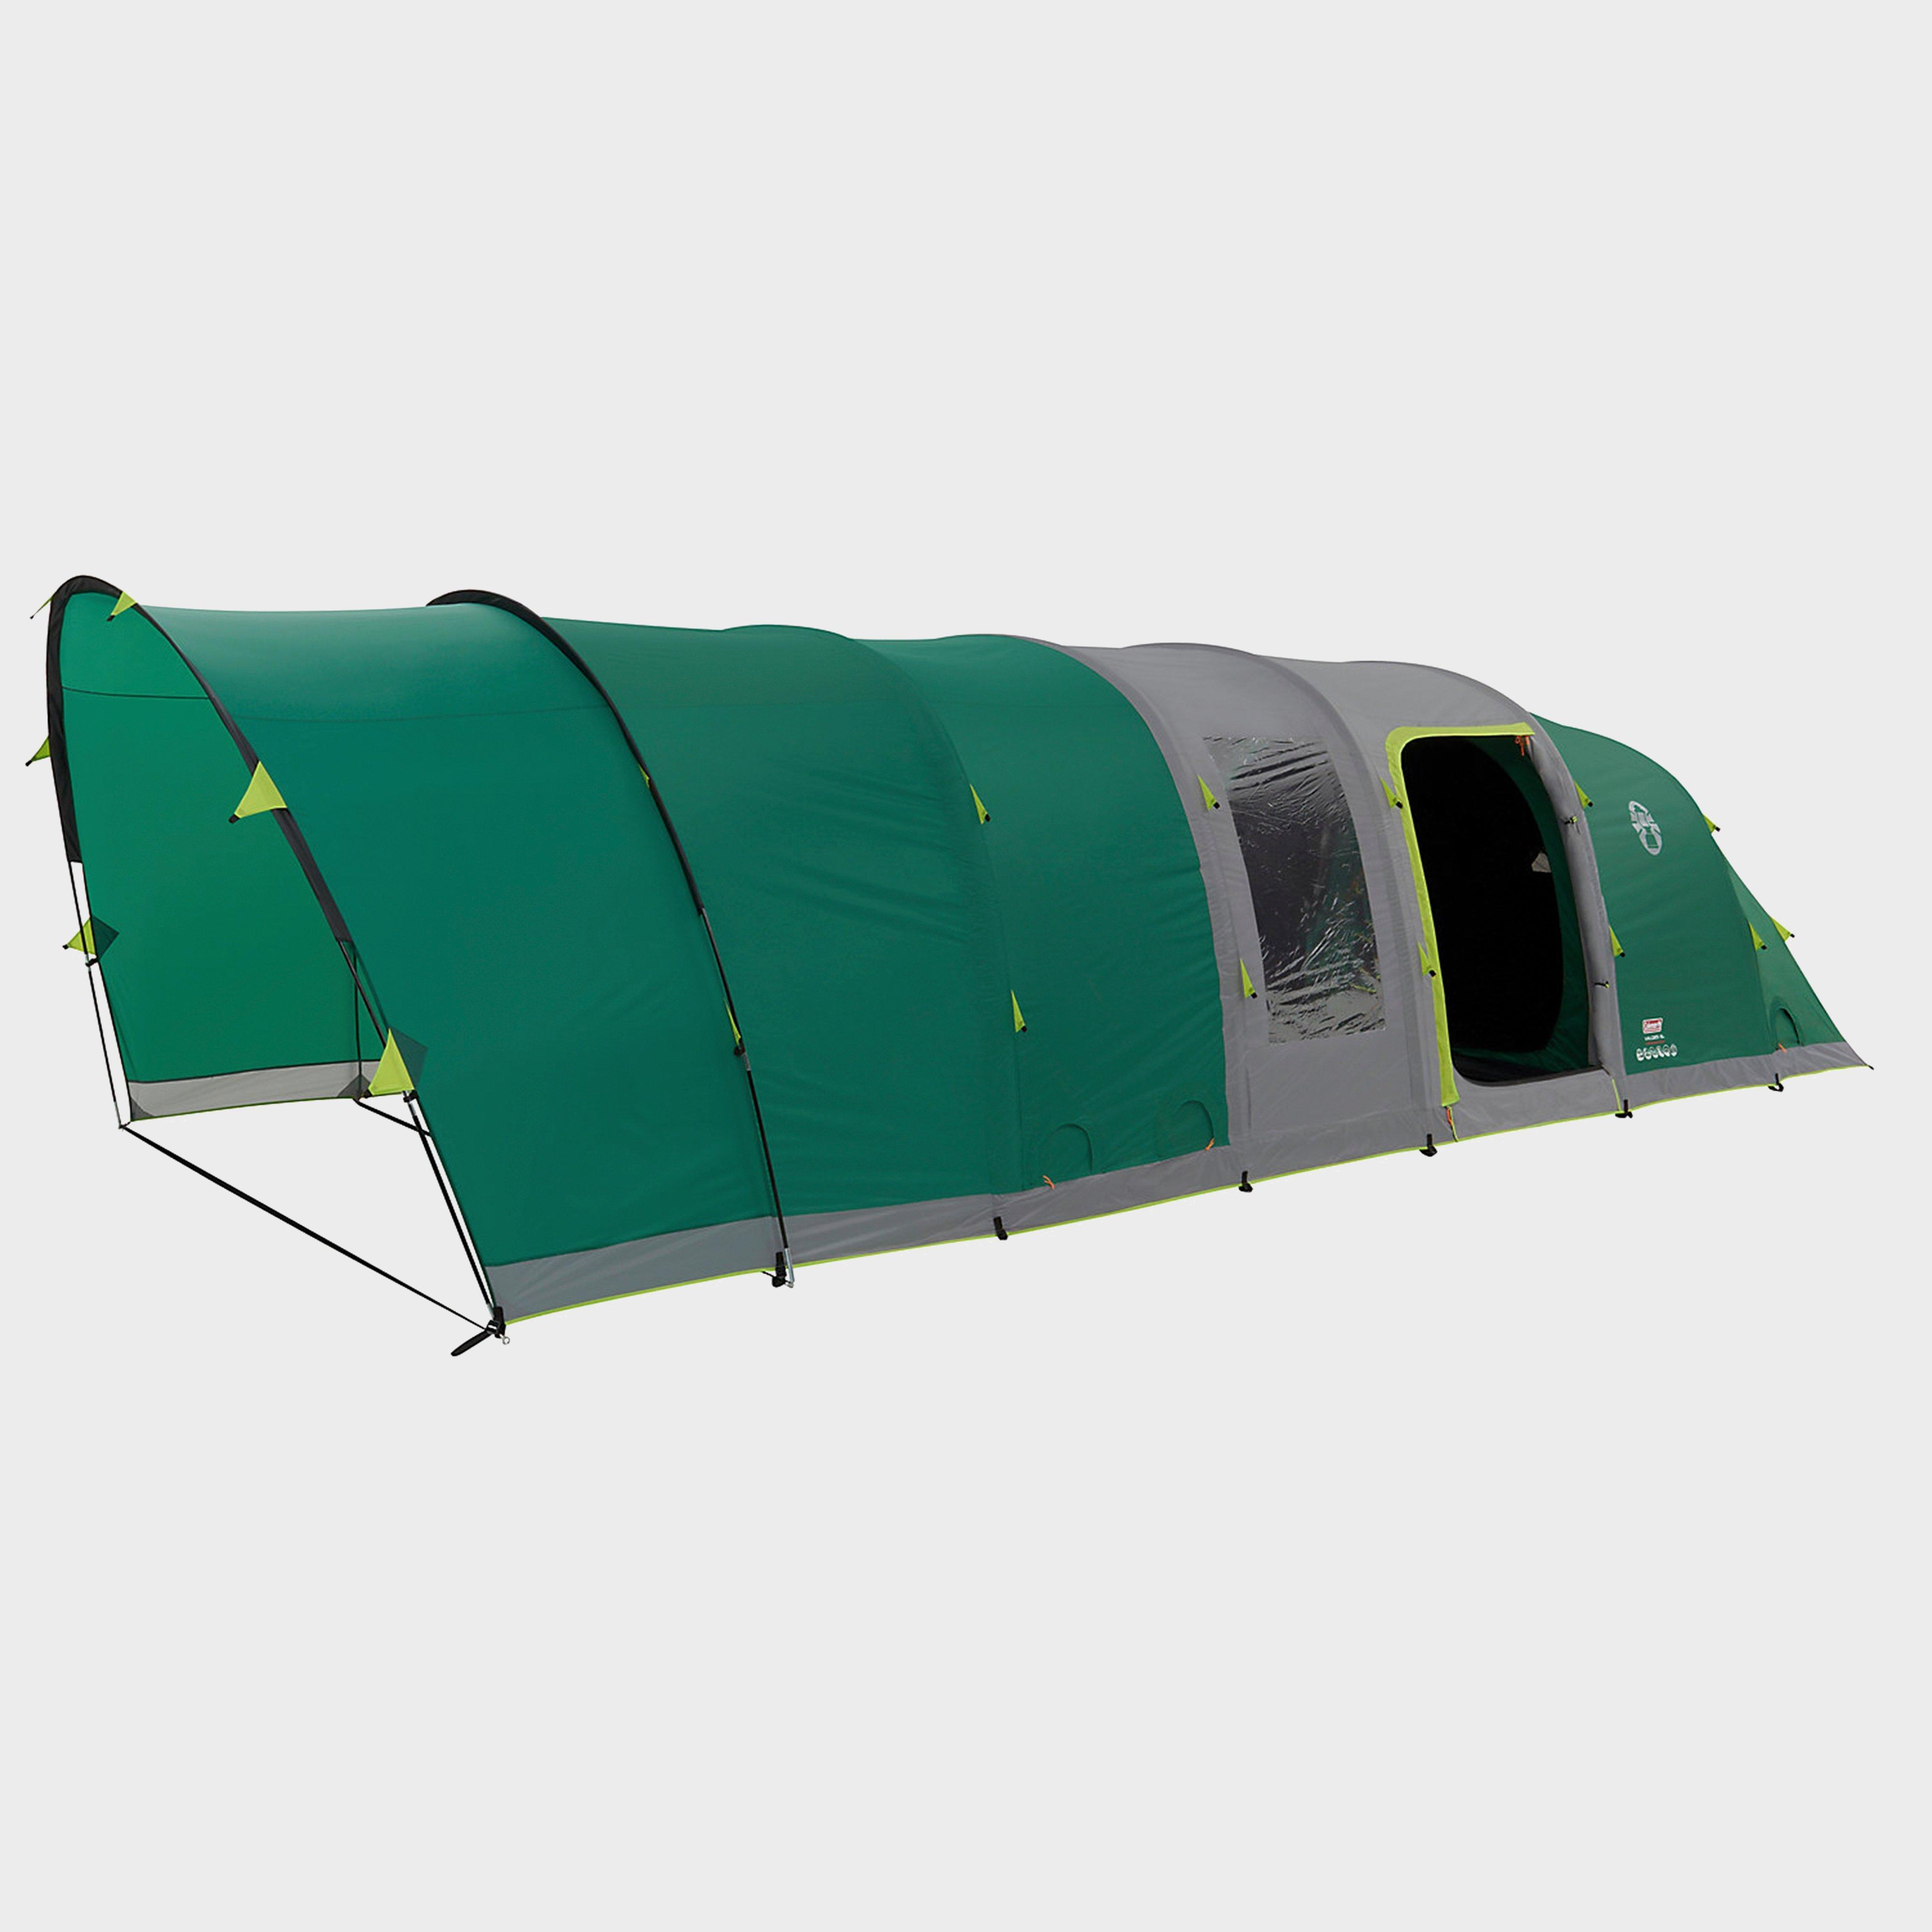 Coleman Coleman FastPitch Air Valdes 6 L Tent - Green, Green